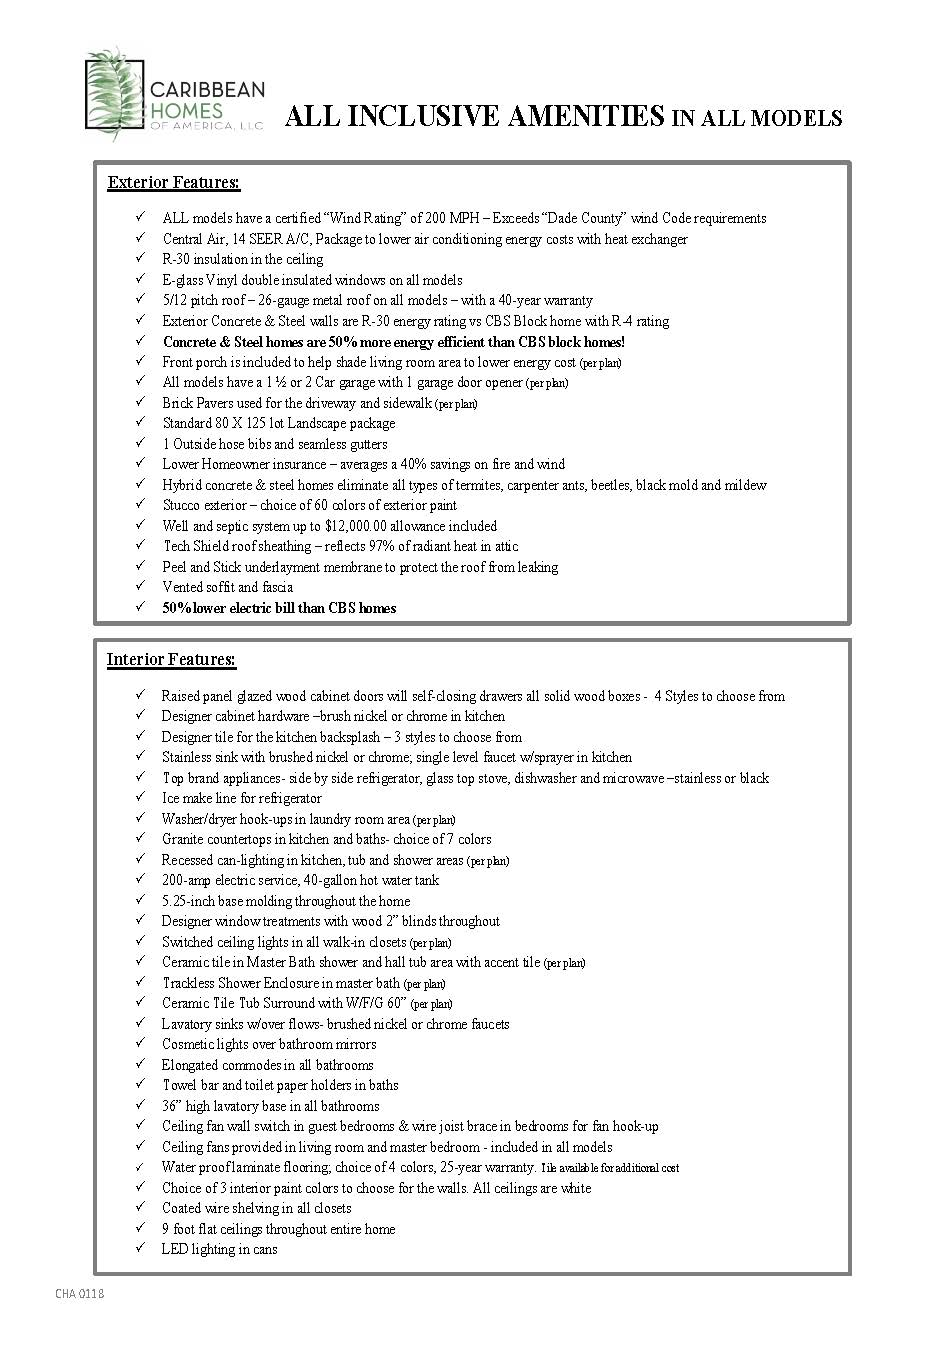 Amenities Standard List - 2018